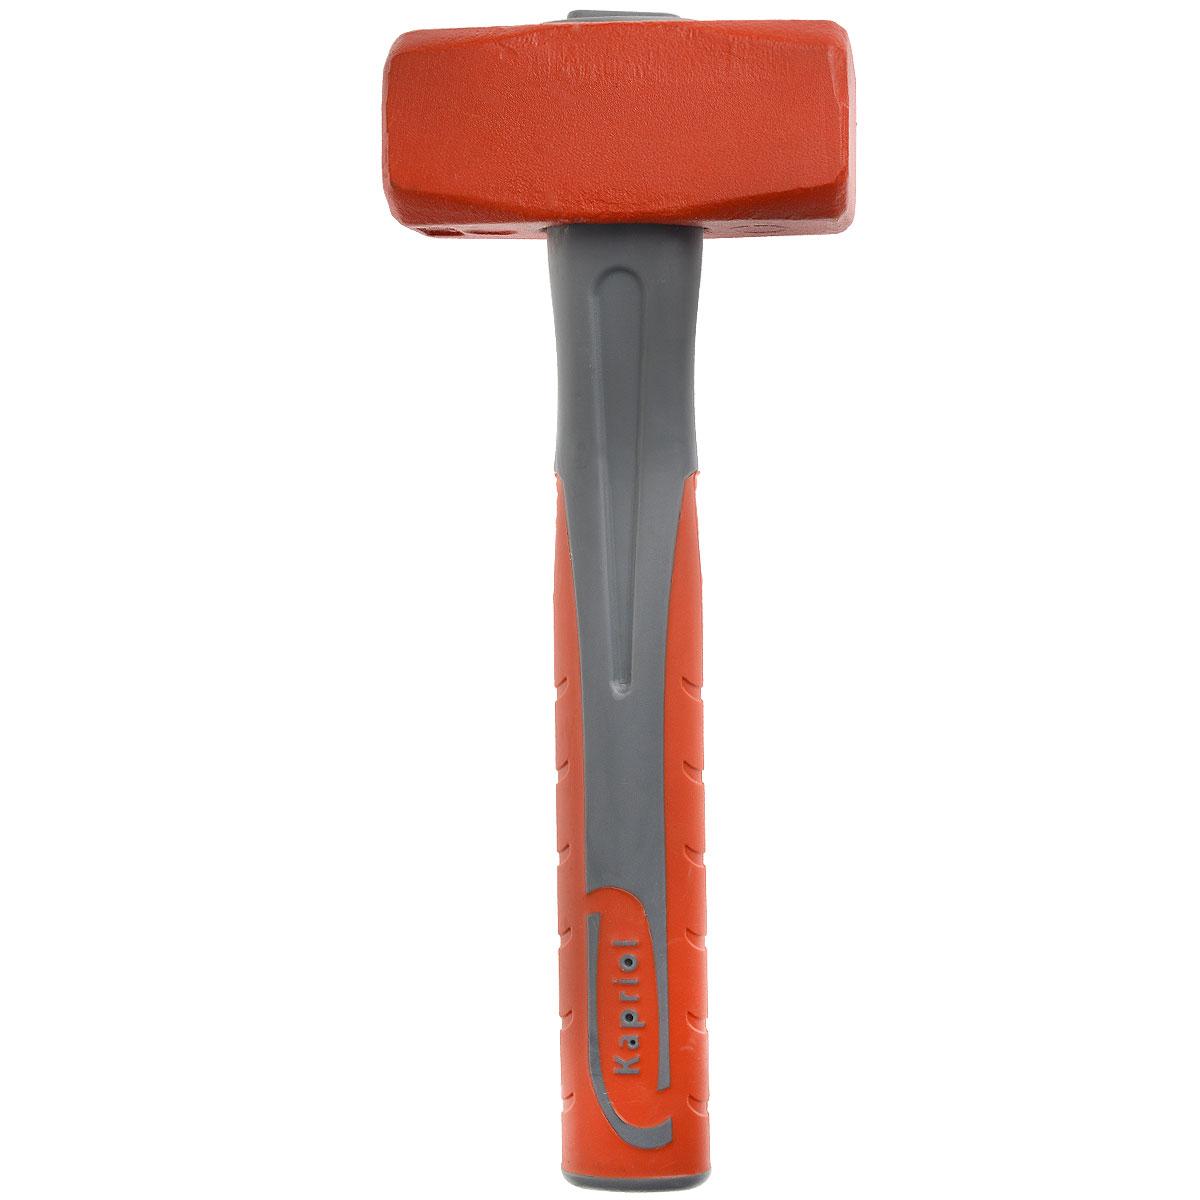 Кувалда Kapriol, длина 28 см, 1500 г. 1016310163Кувалда Kapriol предназначена для нанесения исключительно сильных ударов при обработке металла, на демонтаже и монтаже конструкций.Особенности кувалды:Водоотталкивающие покрытие для работы в любых погодных условиях; Материал головки кувалды - легированная сталь с присадками никеля, хрома и молибдена, что обеспечивает высокую прочность и вязкость; Термическая обработка головки повышает ударопрочность и увеличивает срок службы; Поверхностный слой головки закален, что обеспечивает высокую твердость молотка; Головка соединена с рукояткой с помощью эпоксидного клея; Корпус рукоятки изготовлен из стальной трубы; Эргономичный прорезиненный чехол рукоятки выполняет функцию вибропоглощения; Рукоятка имеет форму соответствующую очертаниям руки, что повышает точность удара и снижает усталость при работе. Характеристики: Материал: сталь, резина, пластик. Длина: 28 см. Вес: 1,5 кг. Размеры кувалды: 28 см х 11 см х 4,5 см.